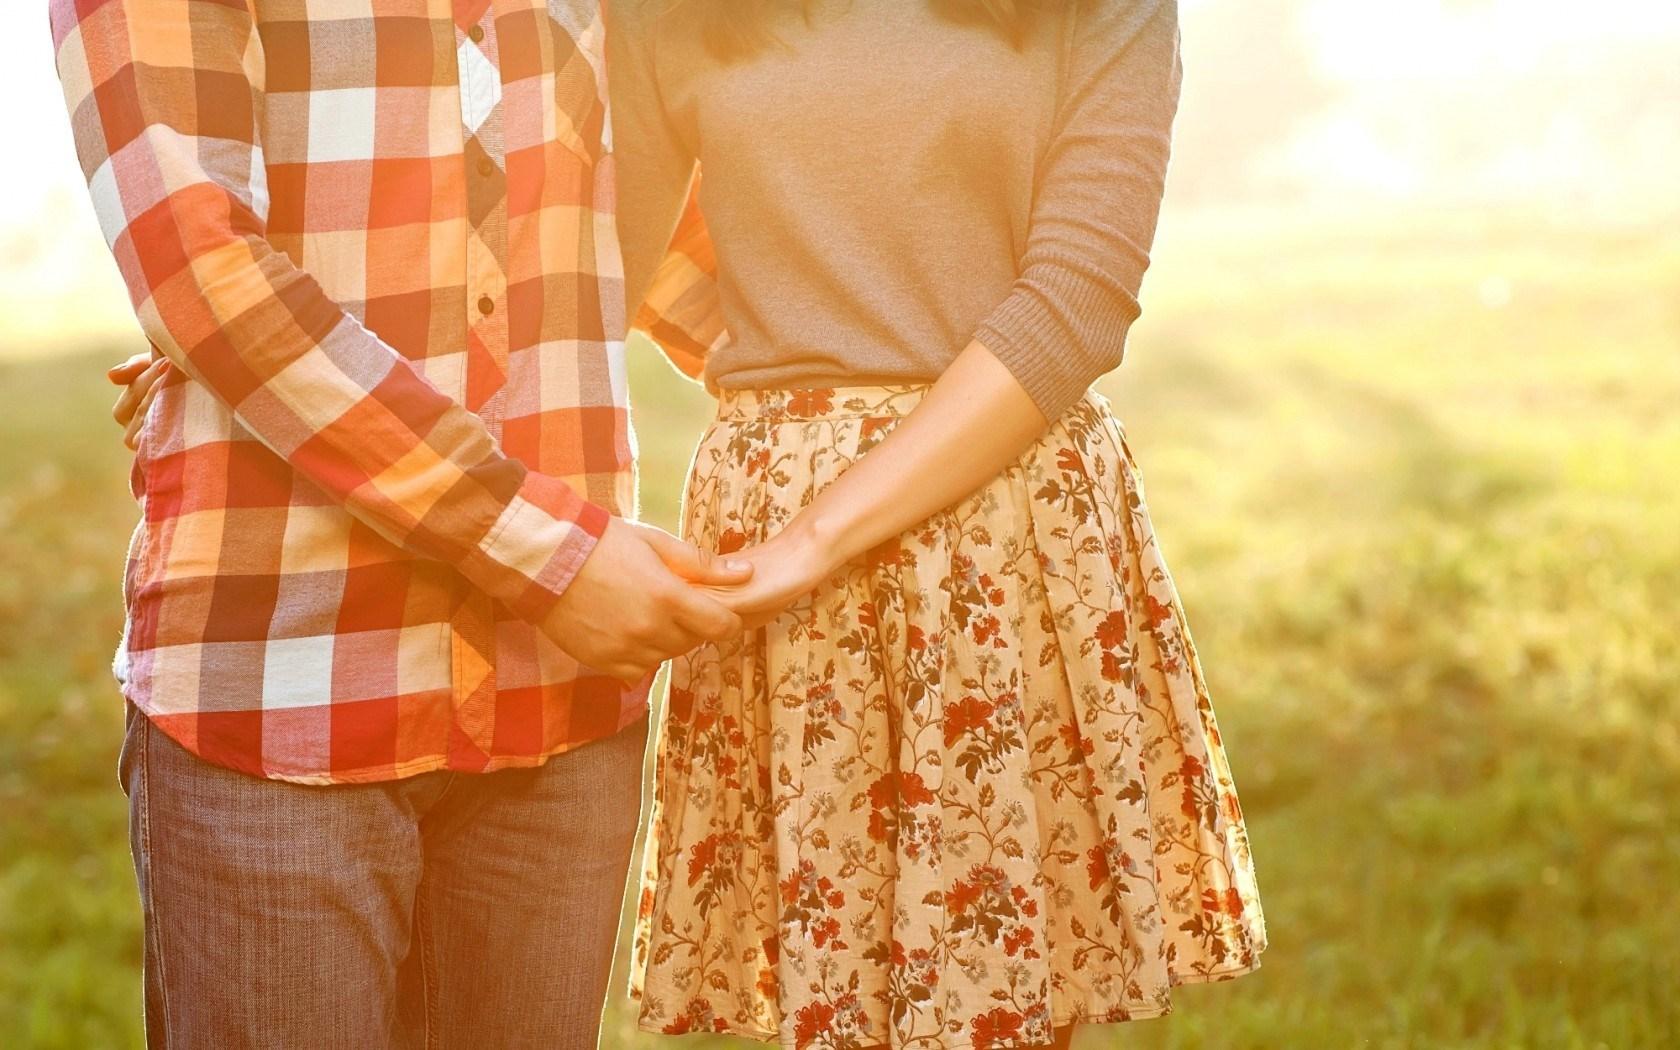 http://s5.picofile.com/file/8114128834/mood_girl_boy_couple_love_feelings_hd_wallpaper.jpg